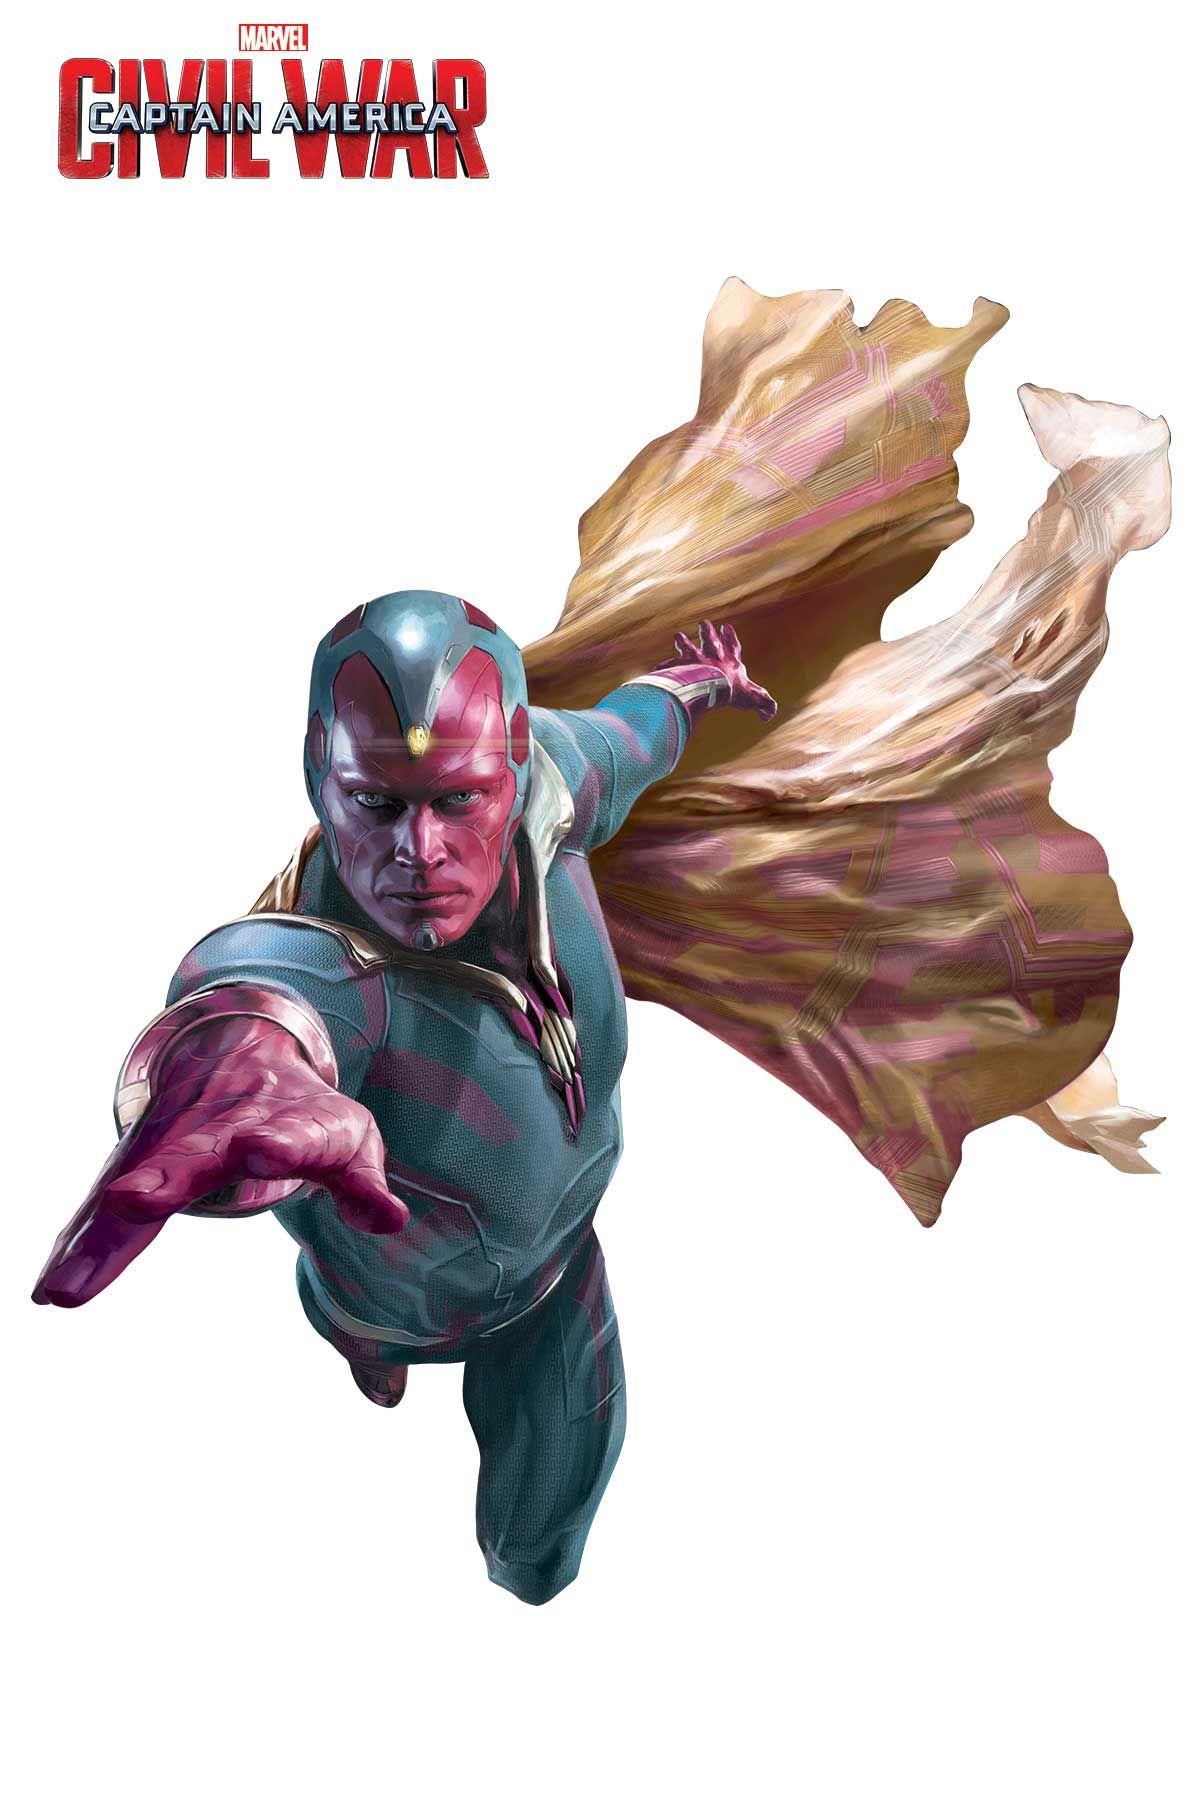 Cine] Los dos bandos de Capitán América: Civil War en once imágenes ...